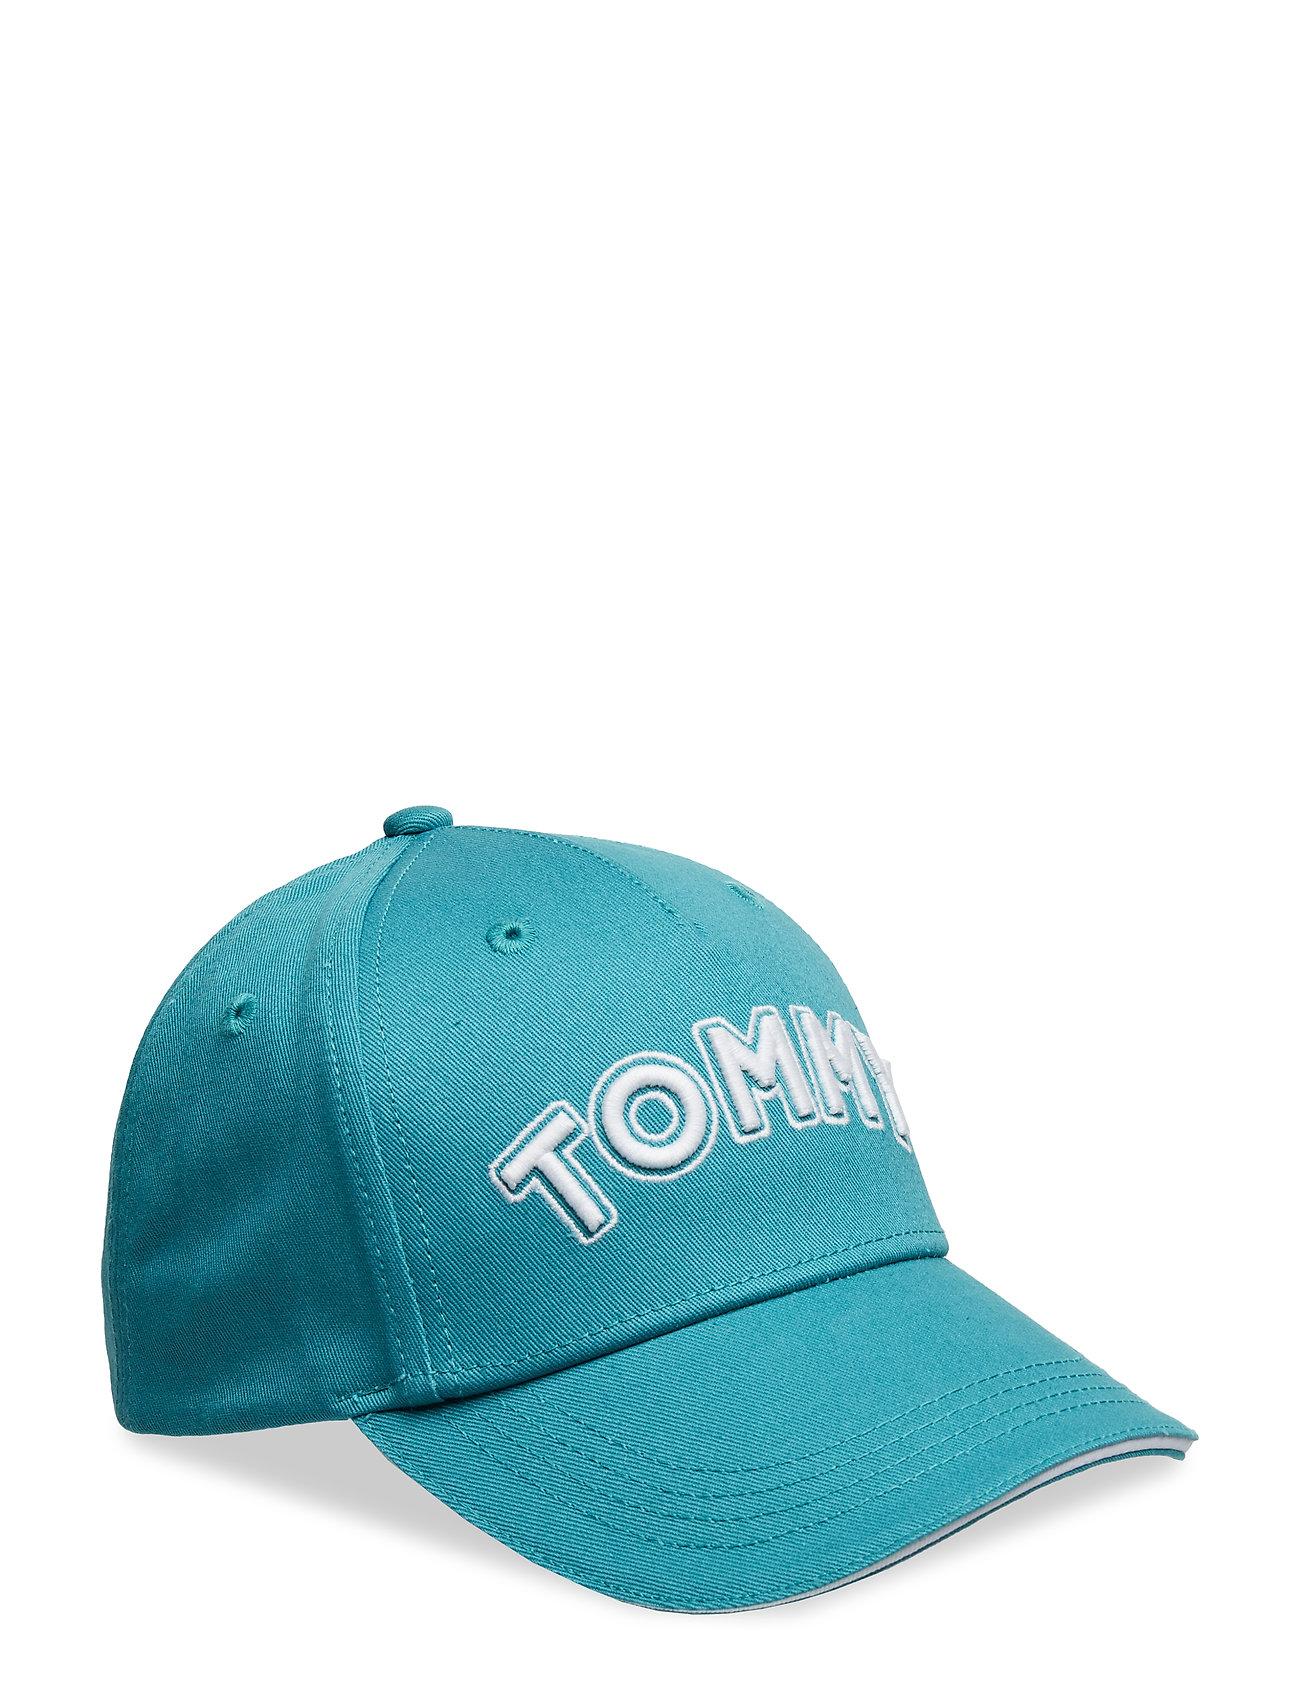 7d3c9295495a Unisex Tommy Cap caps fra Tommy Hilfiger til dame i GREEN BLUE SLATE ...